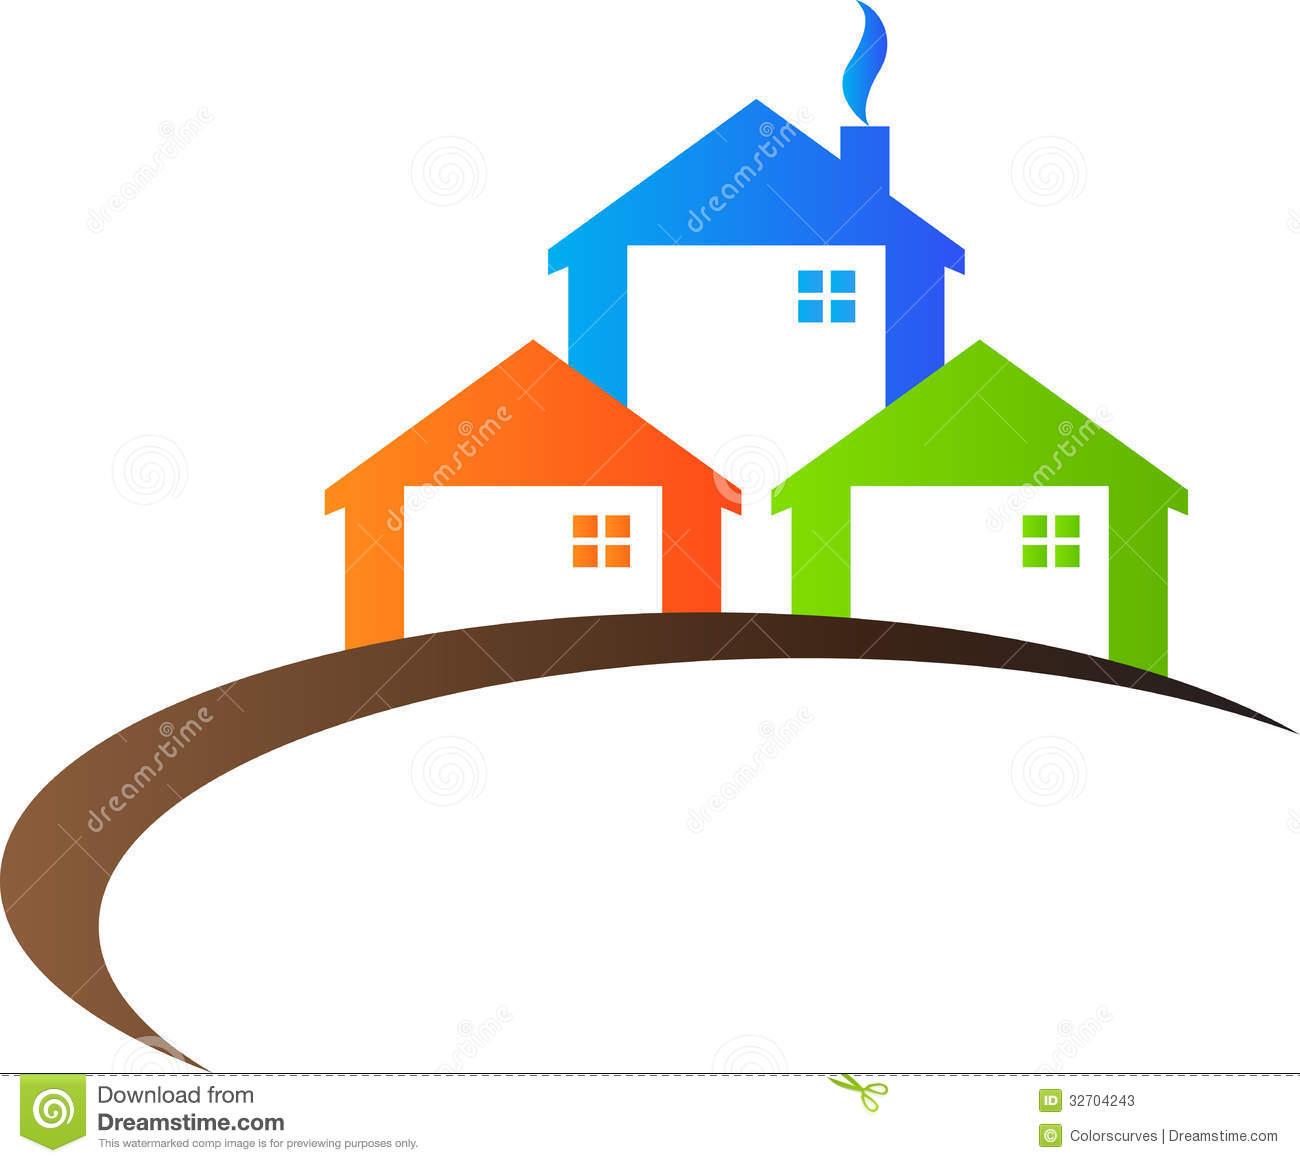 Real estate logo clipart banner Real estate logo clipart - ClipartFest banner